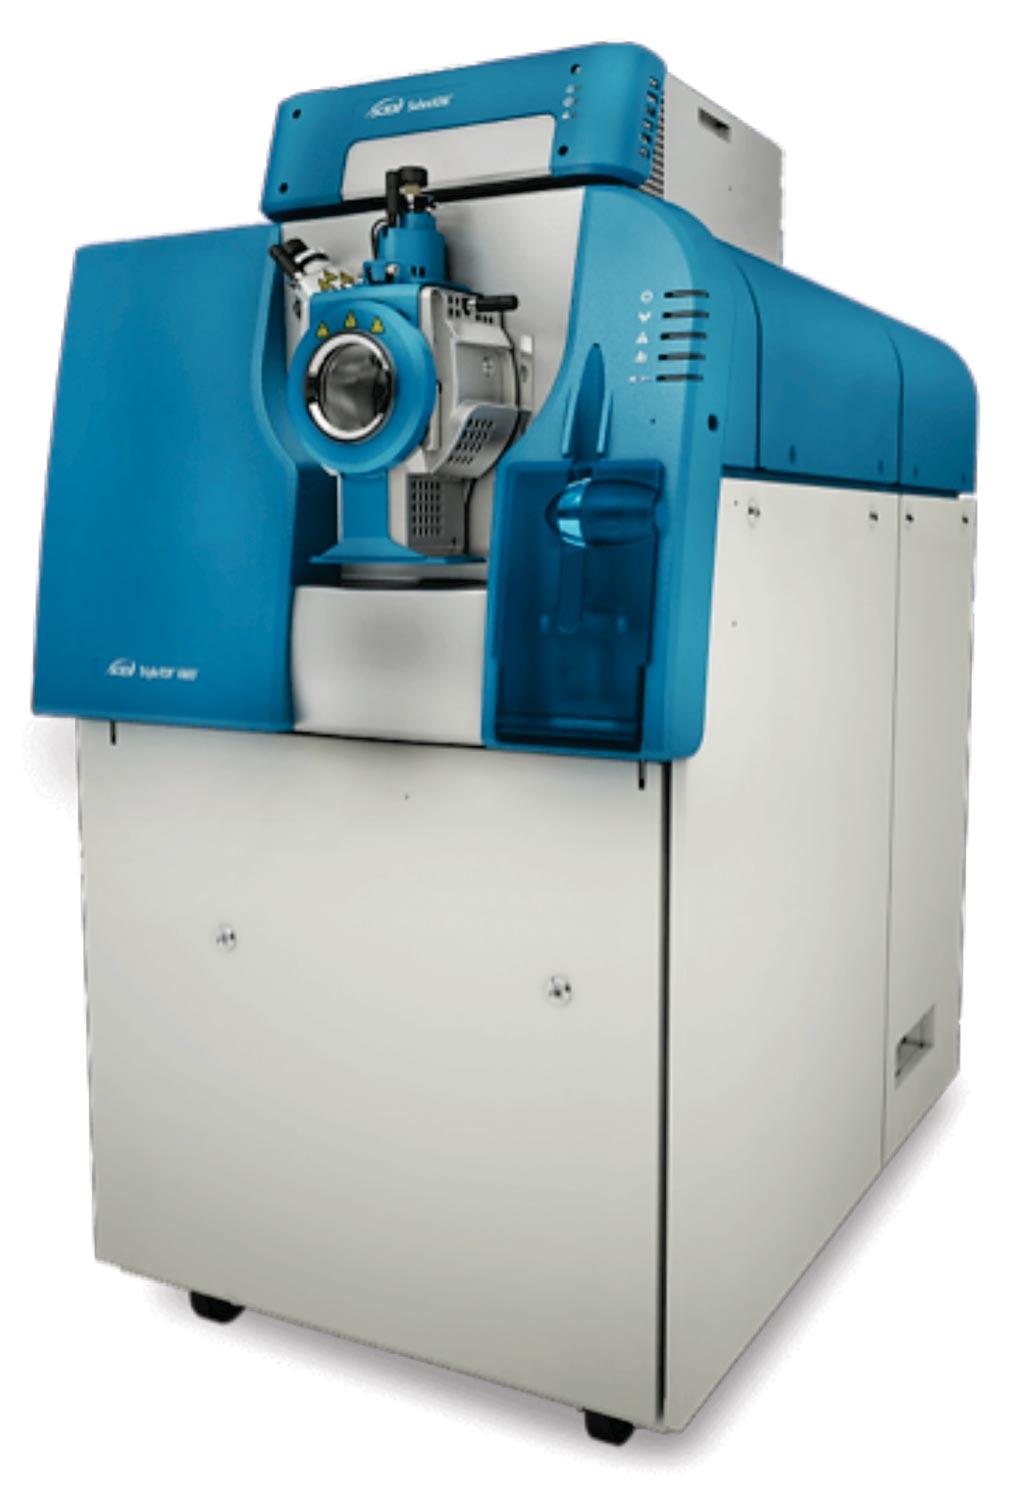 Масс-анализатор TripleTOF 6600 Quadrupole Time-Of-Flight (QTOF). Фото любезно предоставлено Sciex.